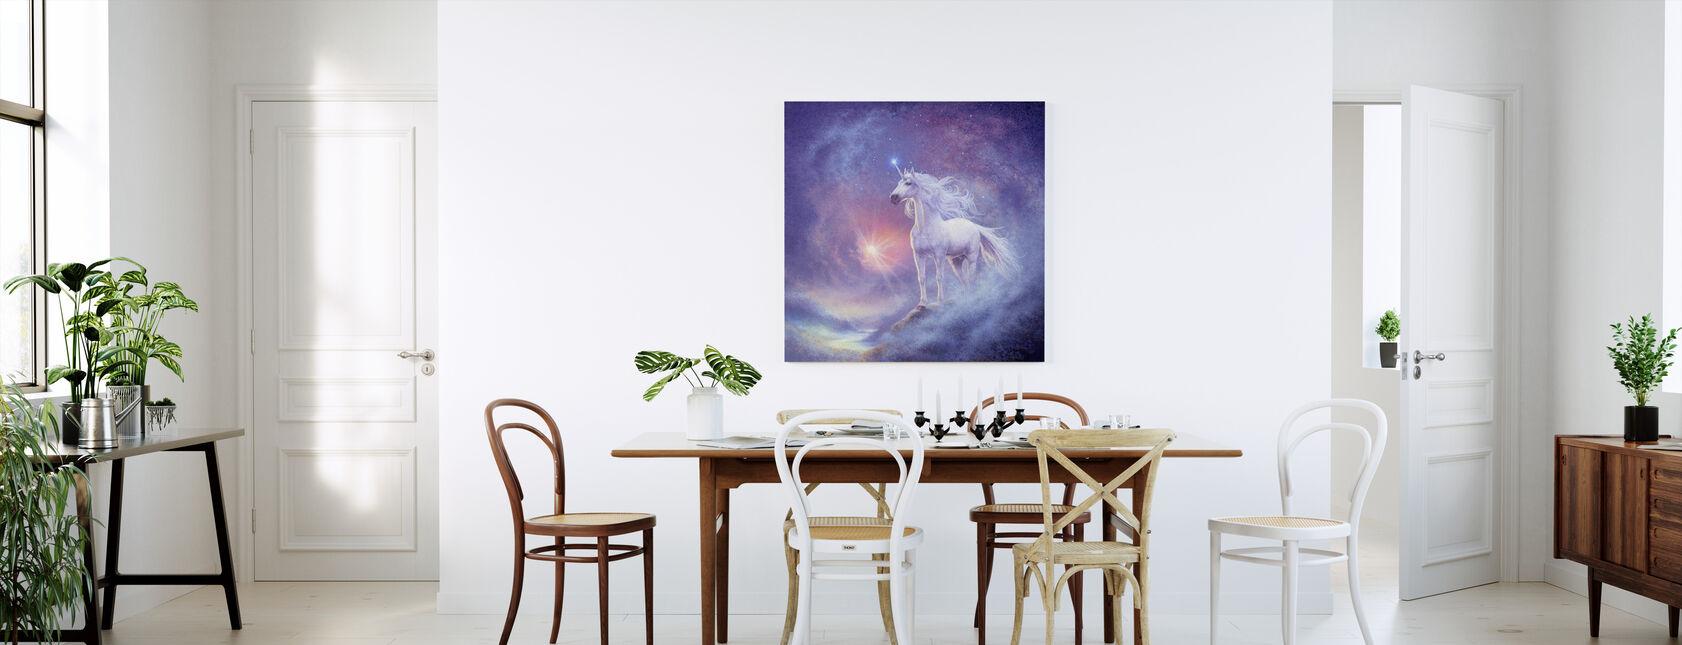 Astral Enhörning - Canvastavla - Kök